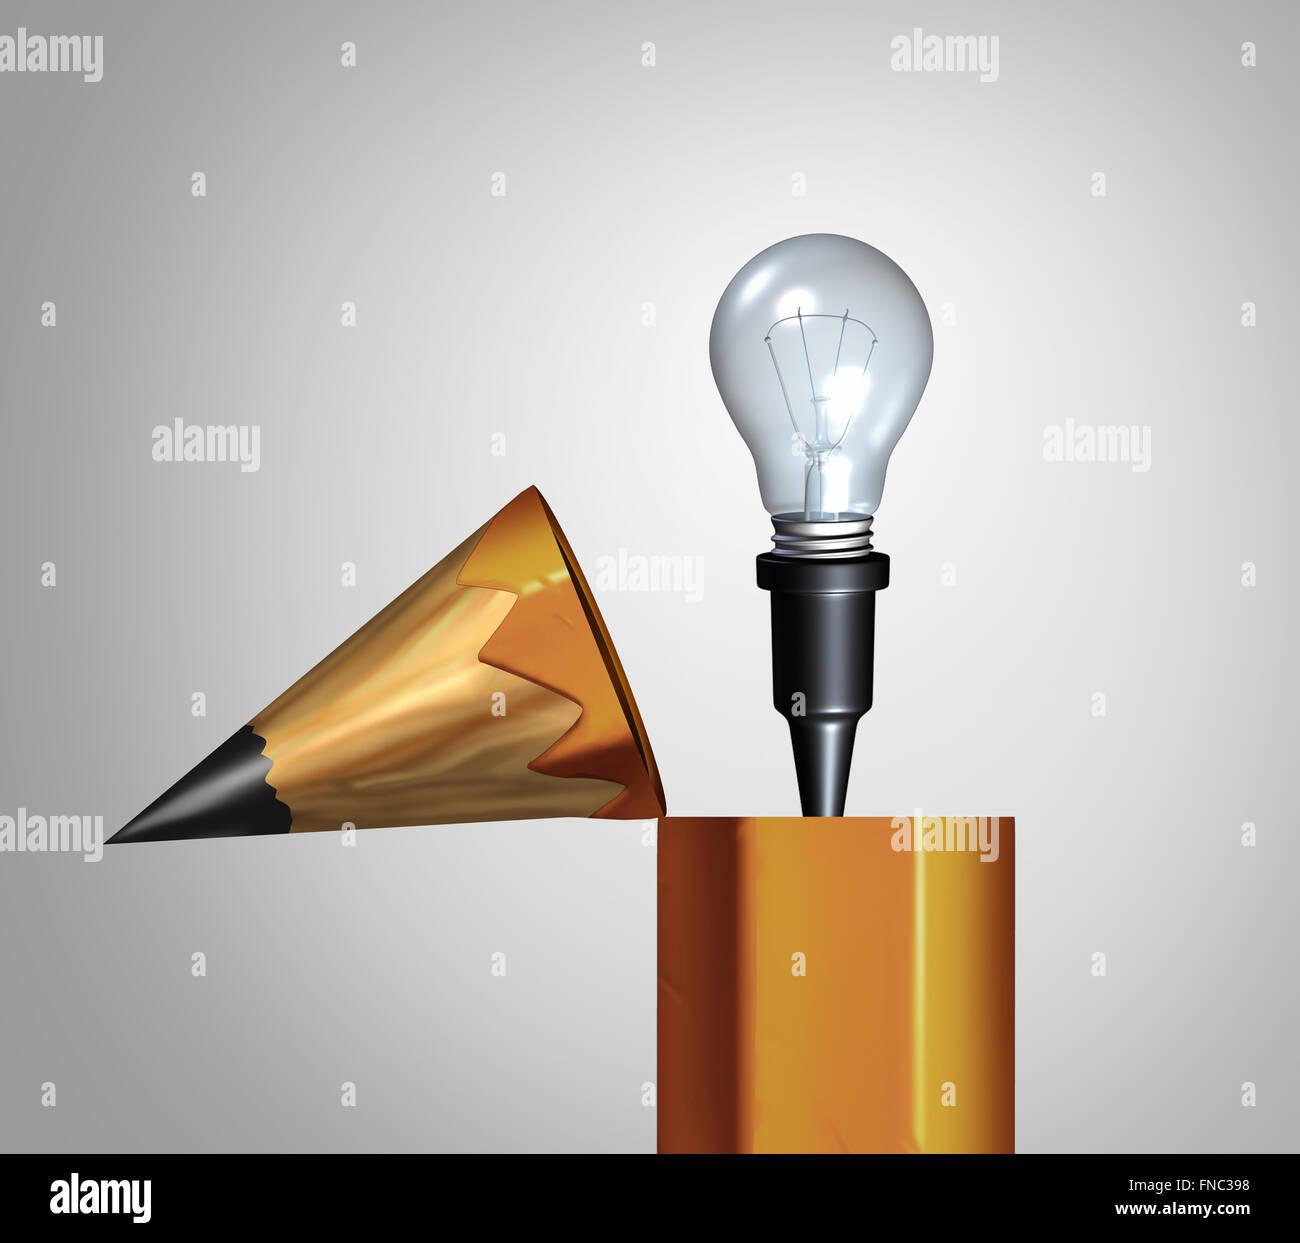 Idea concepto lápiz como un instrumento de dibujo abiertas con una naciente ilumina brillante bombilla bombilla Imagen De Stock